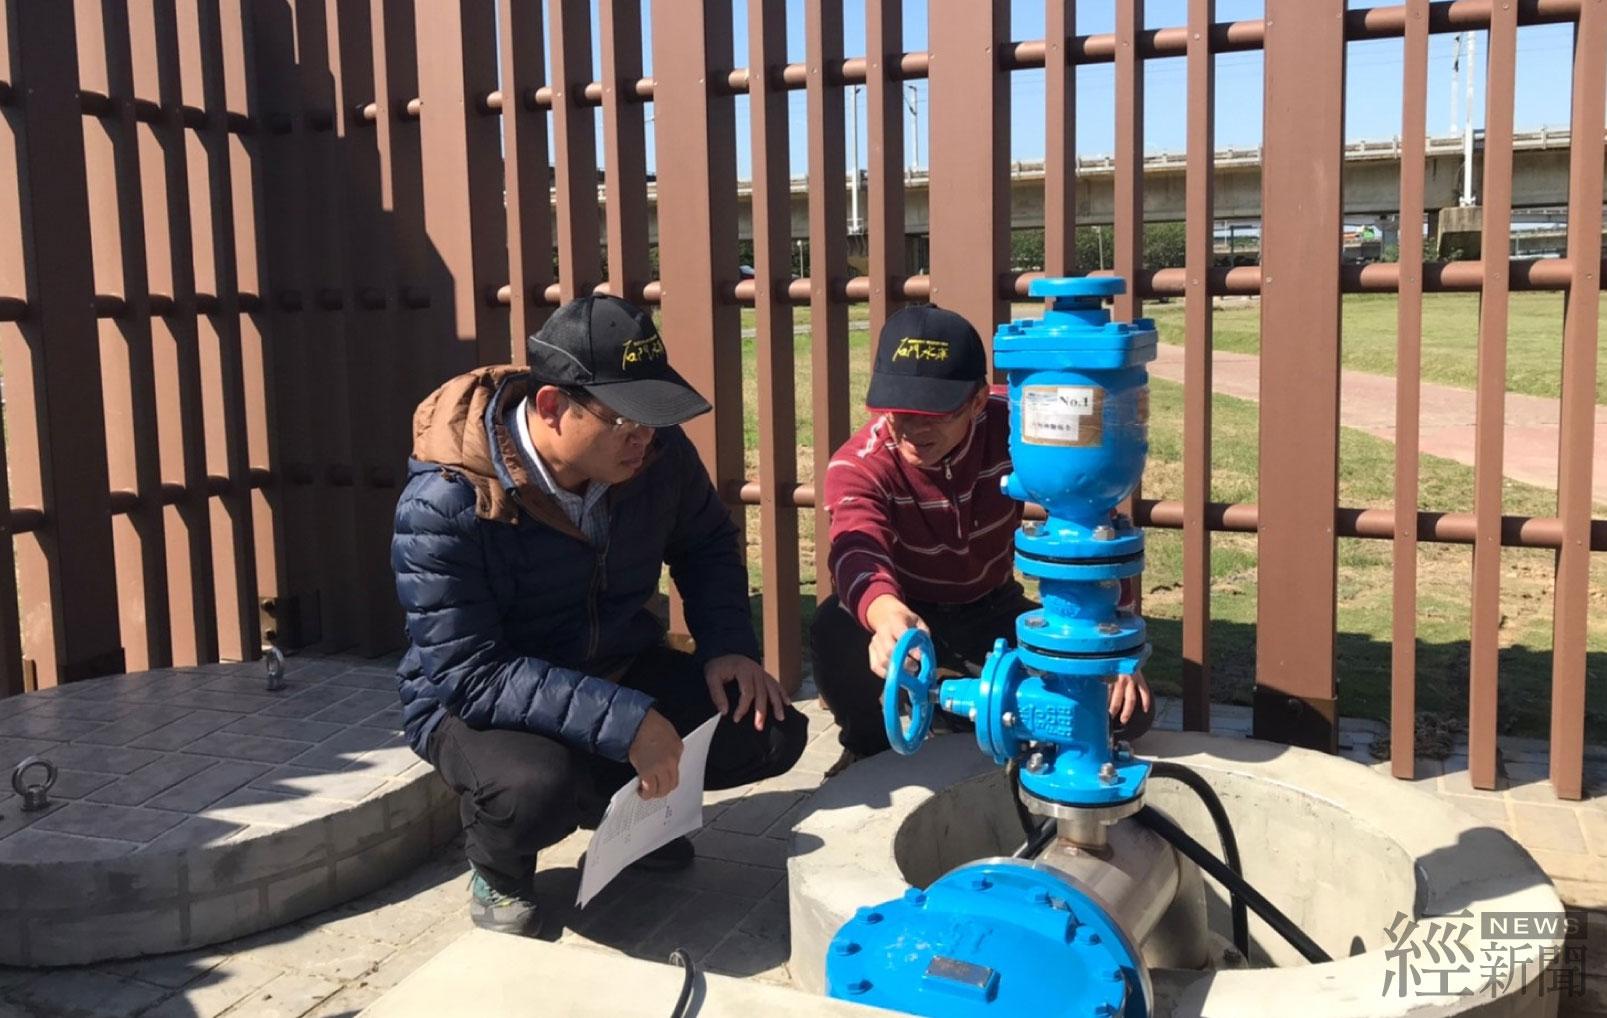 160口備援水井日供水34萬噸 水利署:抗旱關鍵措施